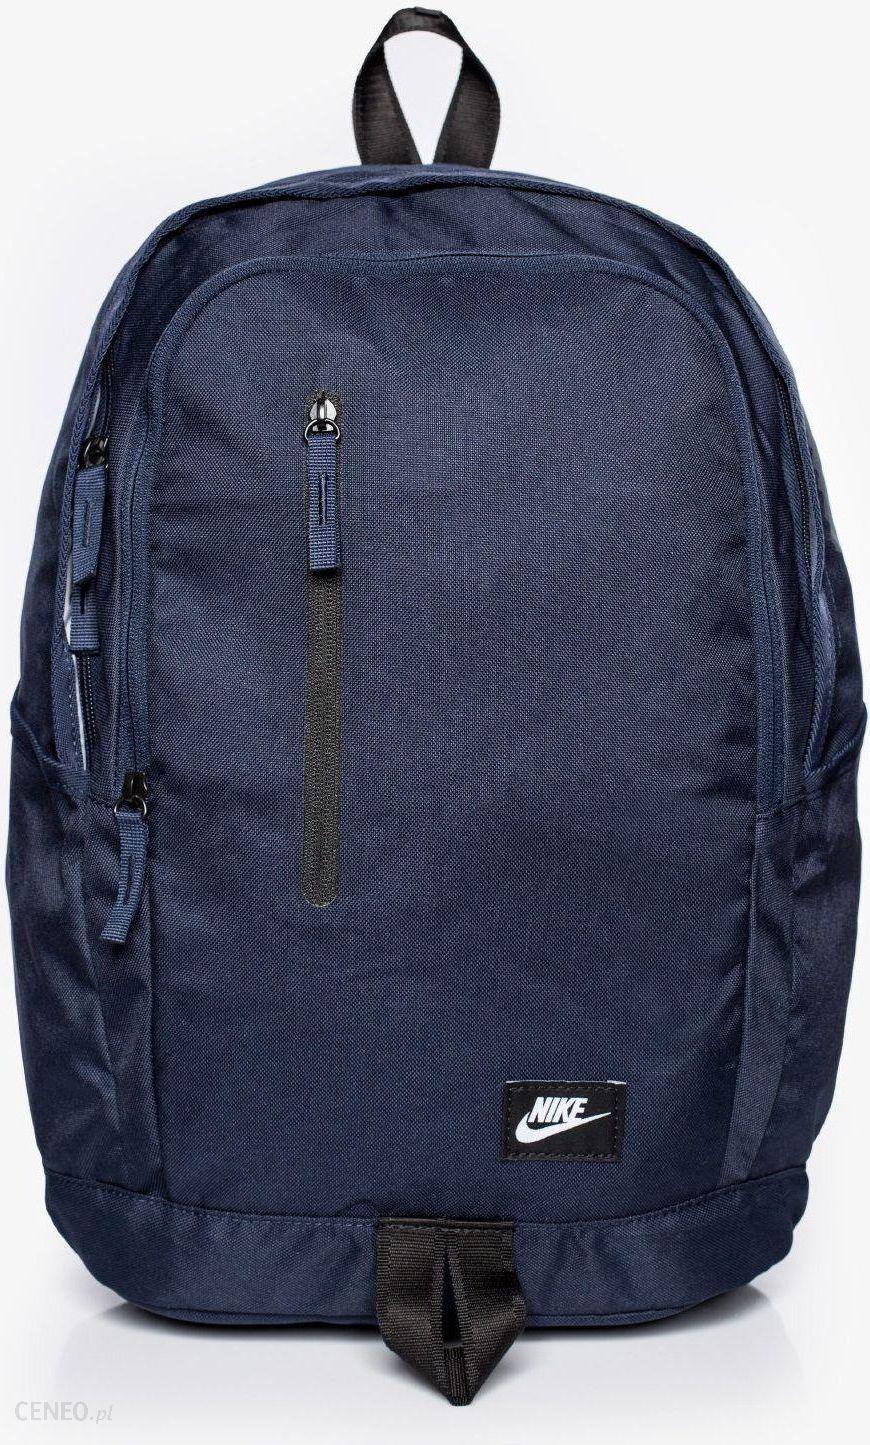 da648c0f3d350 Plecak Nike Plecak Soleday Blue 291017 - Ceny i opinie - Ceneo.pl